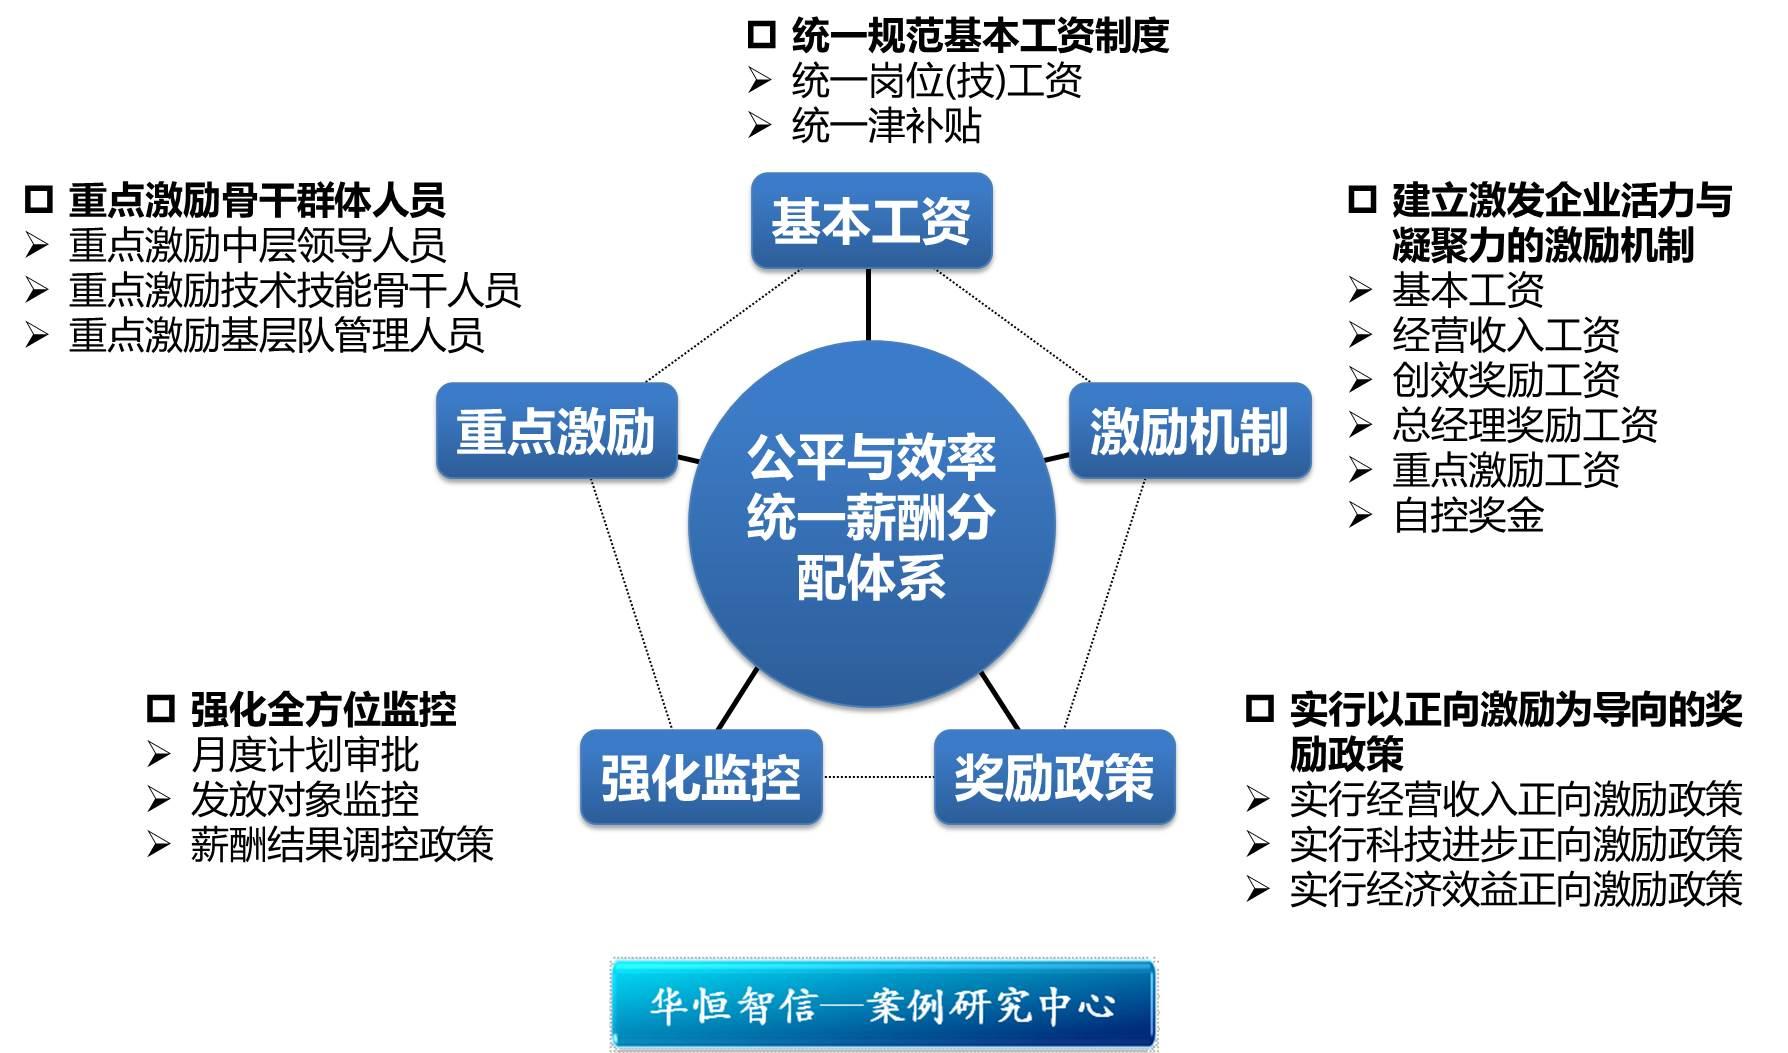 研究中心 管理案例研究中心 薪酬福利体系设计      中国石油集团渤海